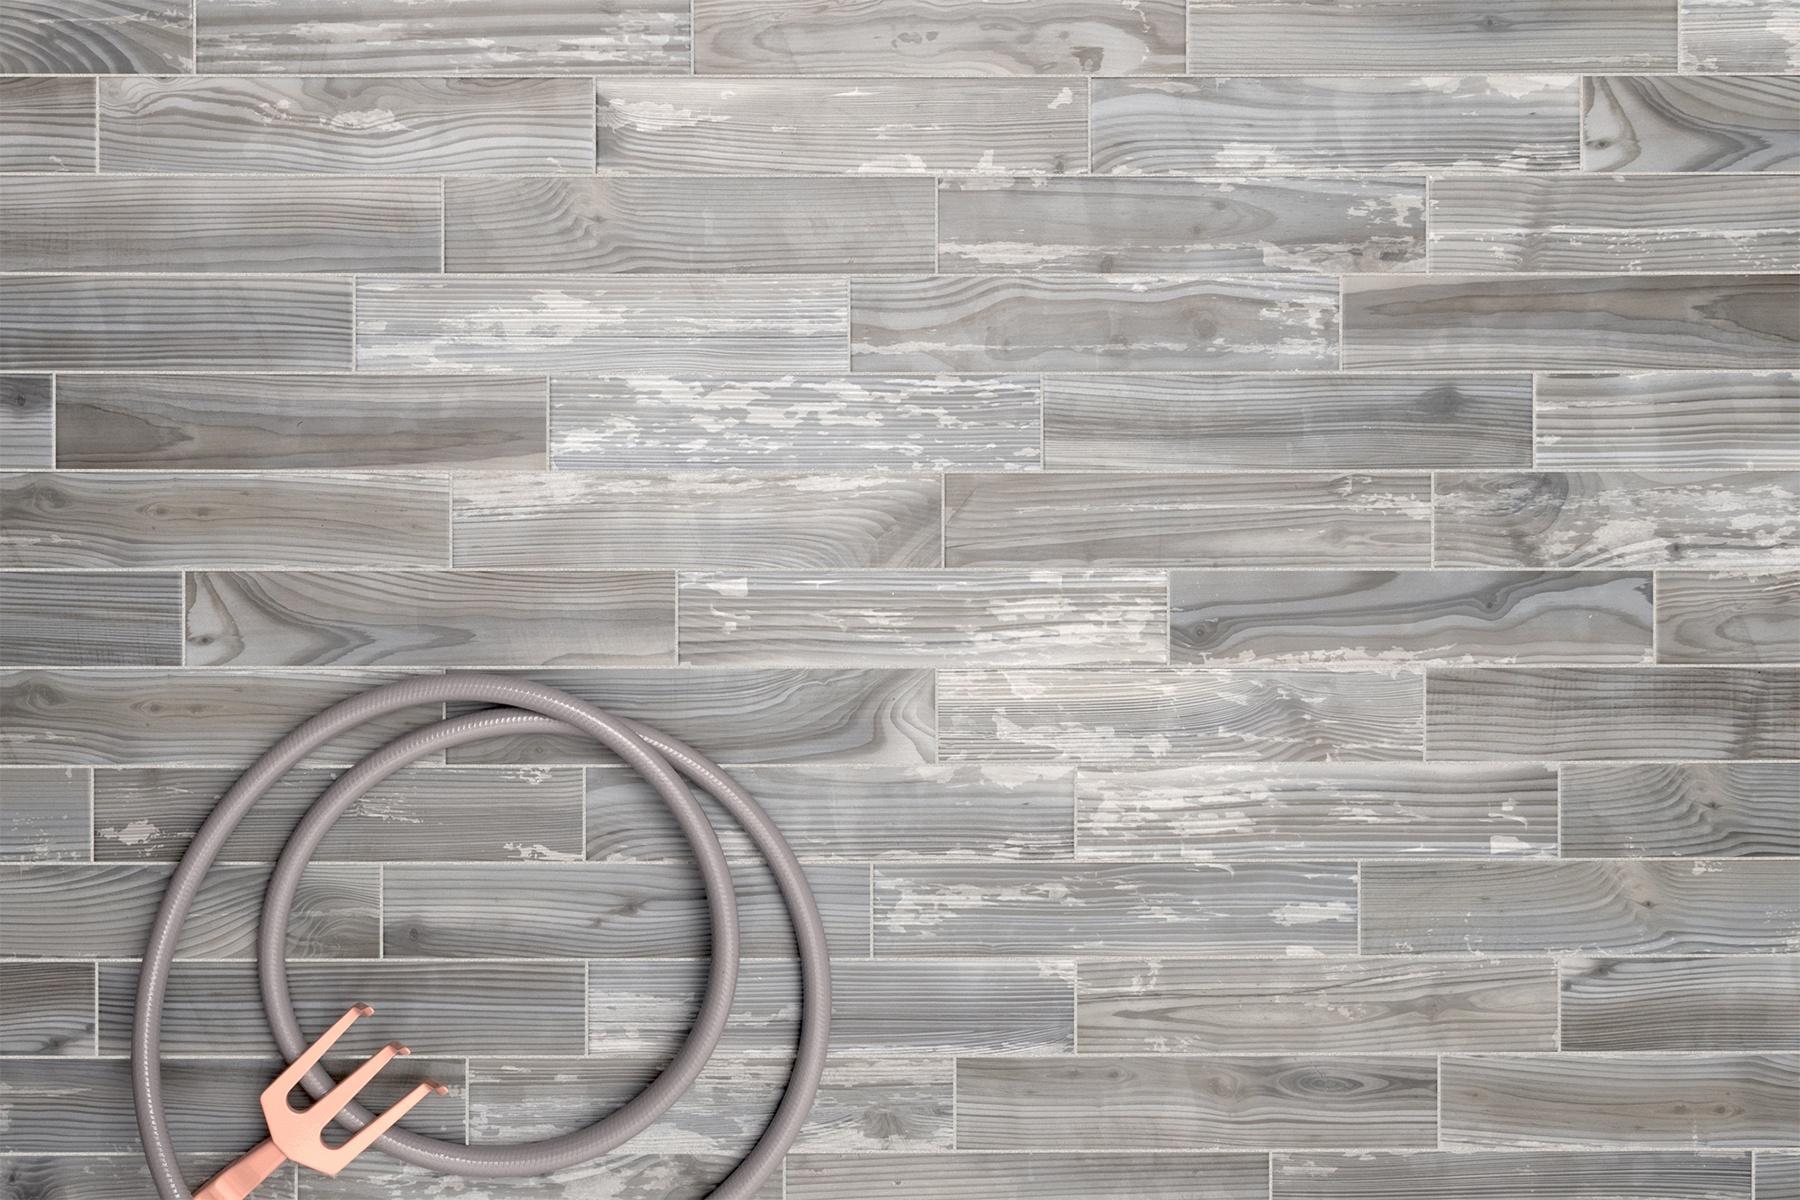 alysedwards-wood-look-porcelain-flooring